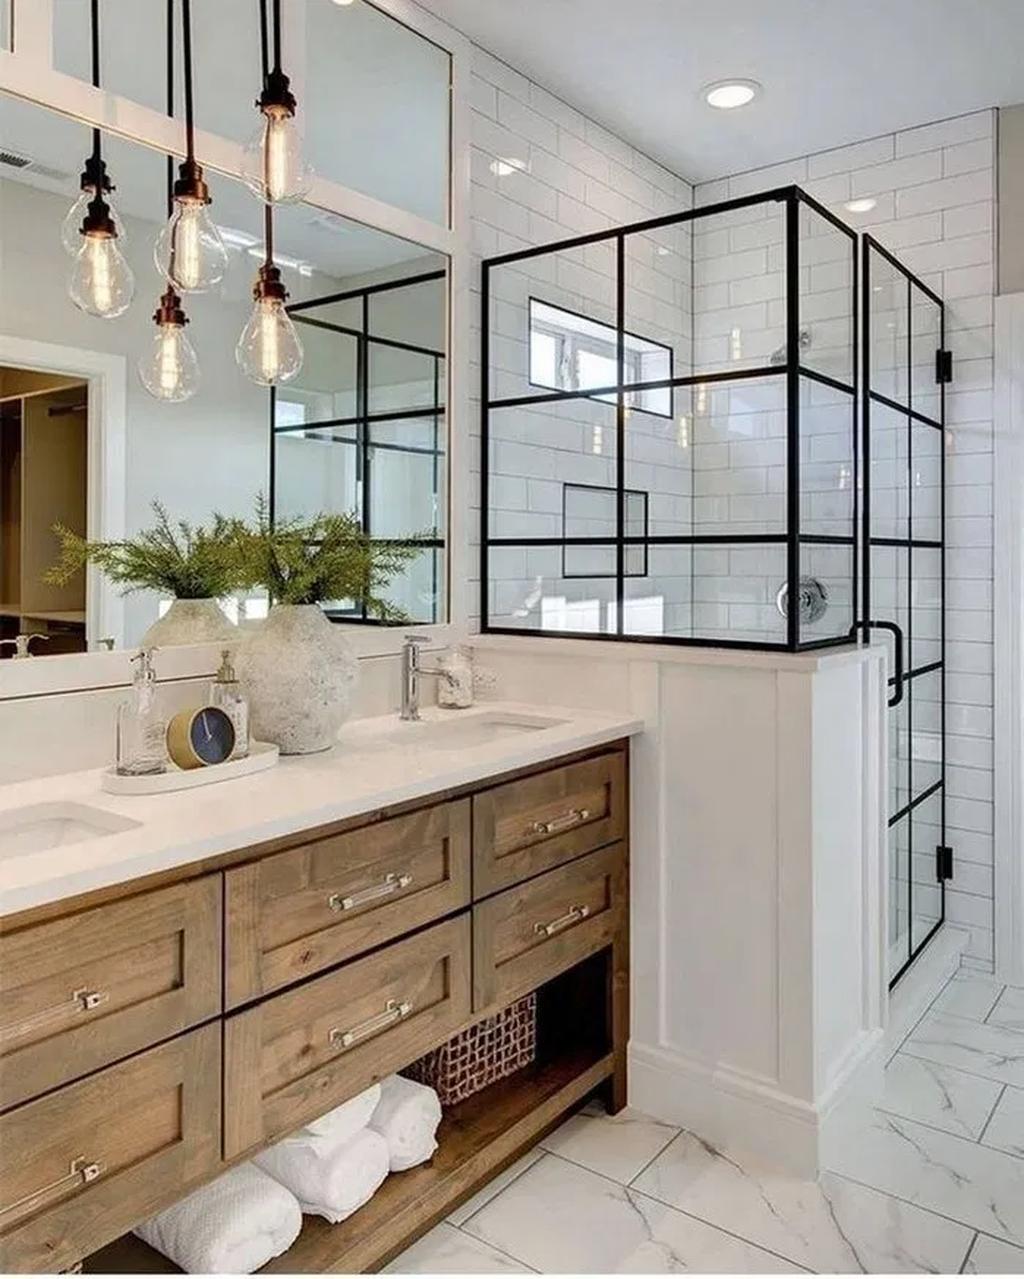 Small Farmhouse Bathroom Decor Ideas - Bathroom Decorations Ideas